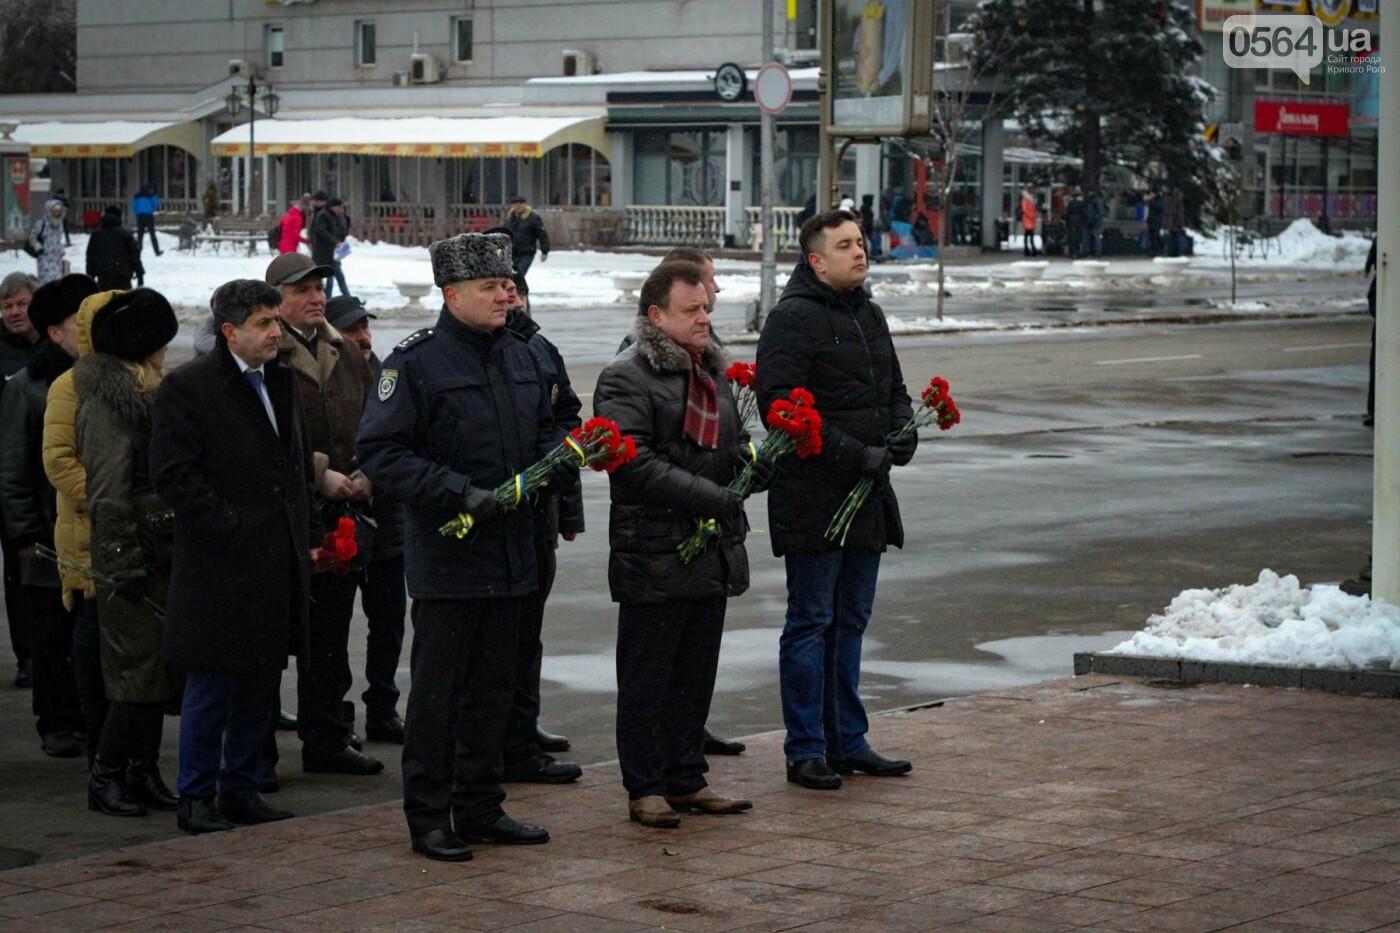 В Кривом Роге возложили цветы к памятнику Тарасу Шевченко (ФОТО), фото-3